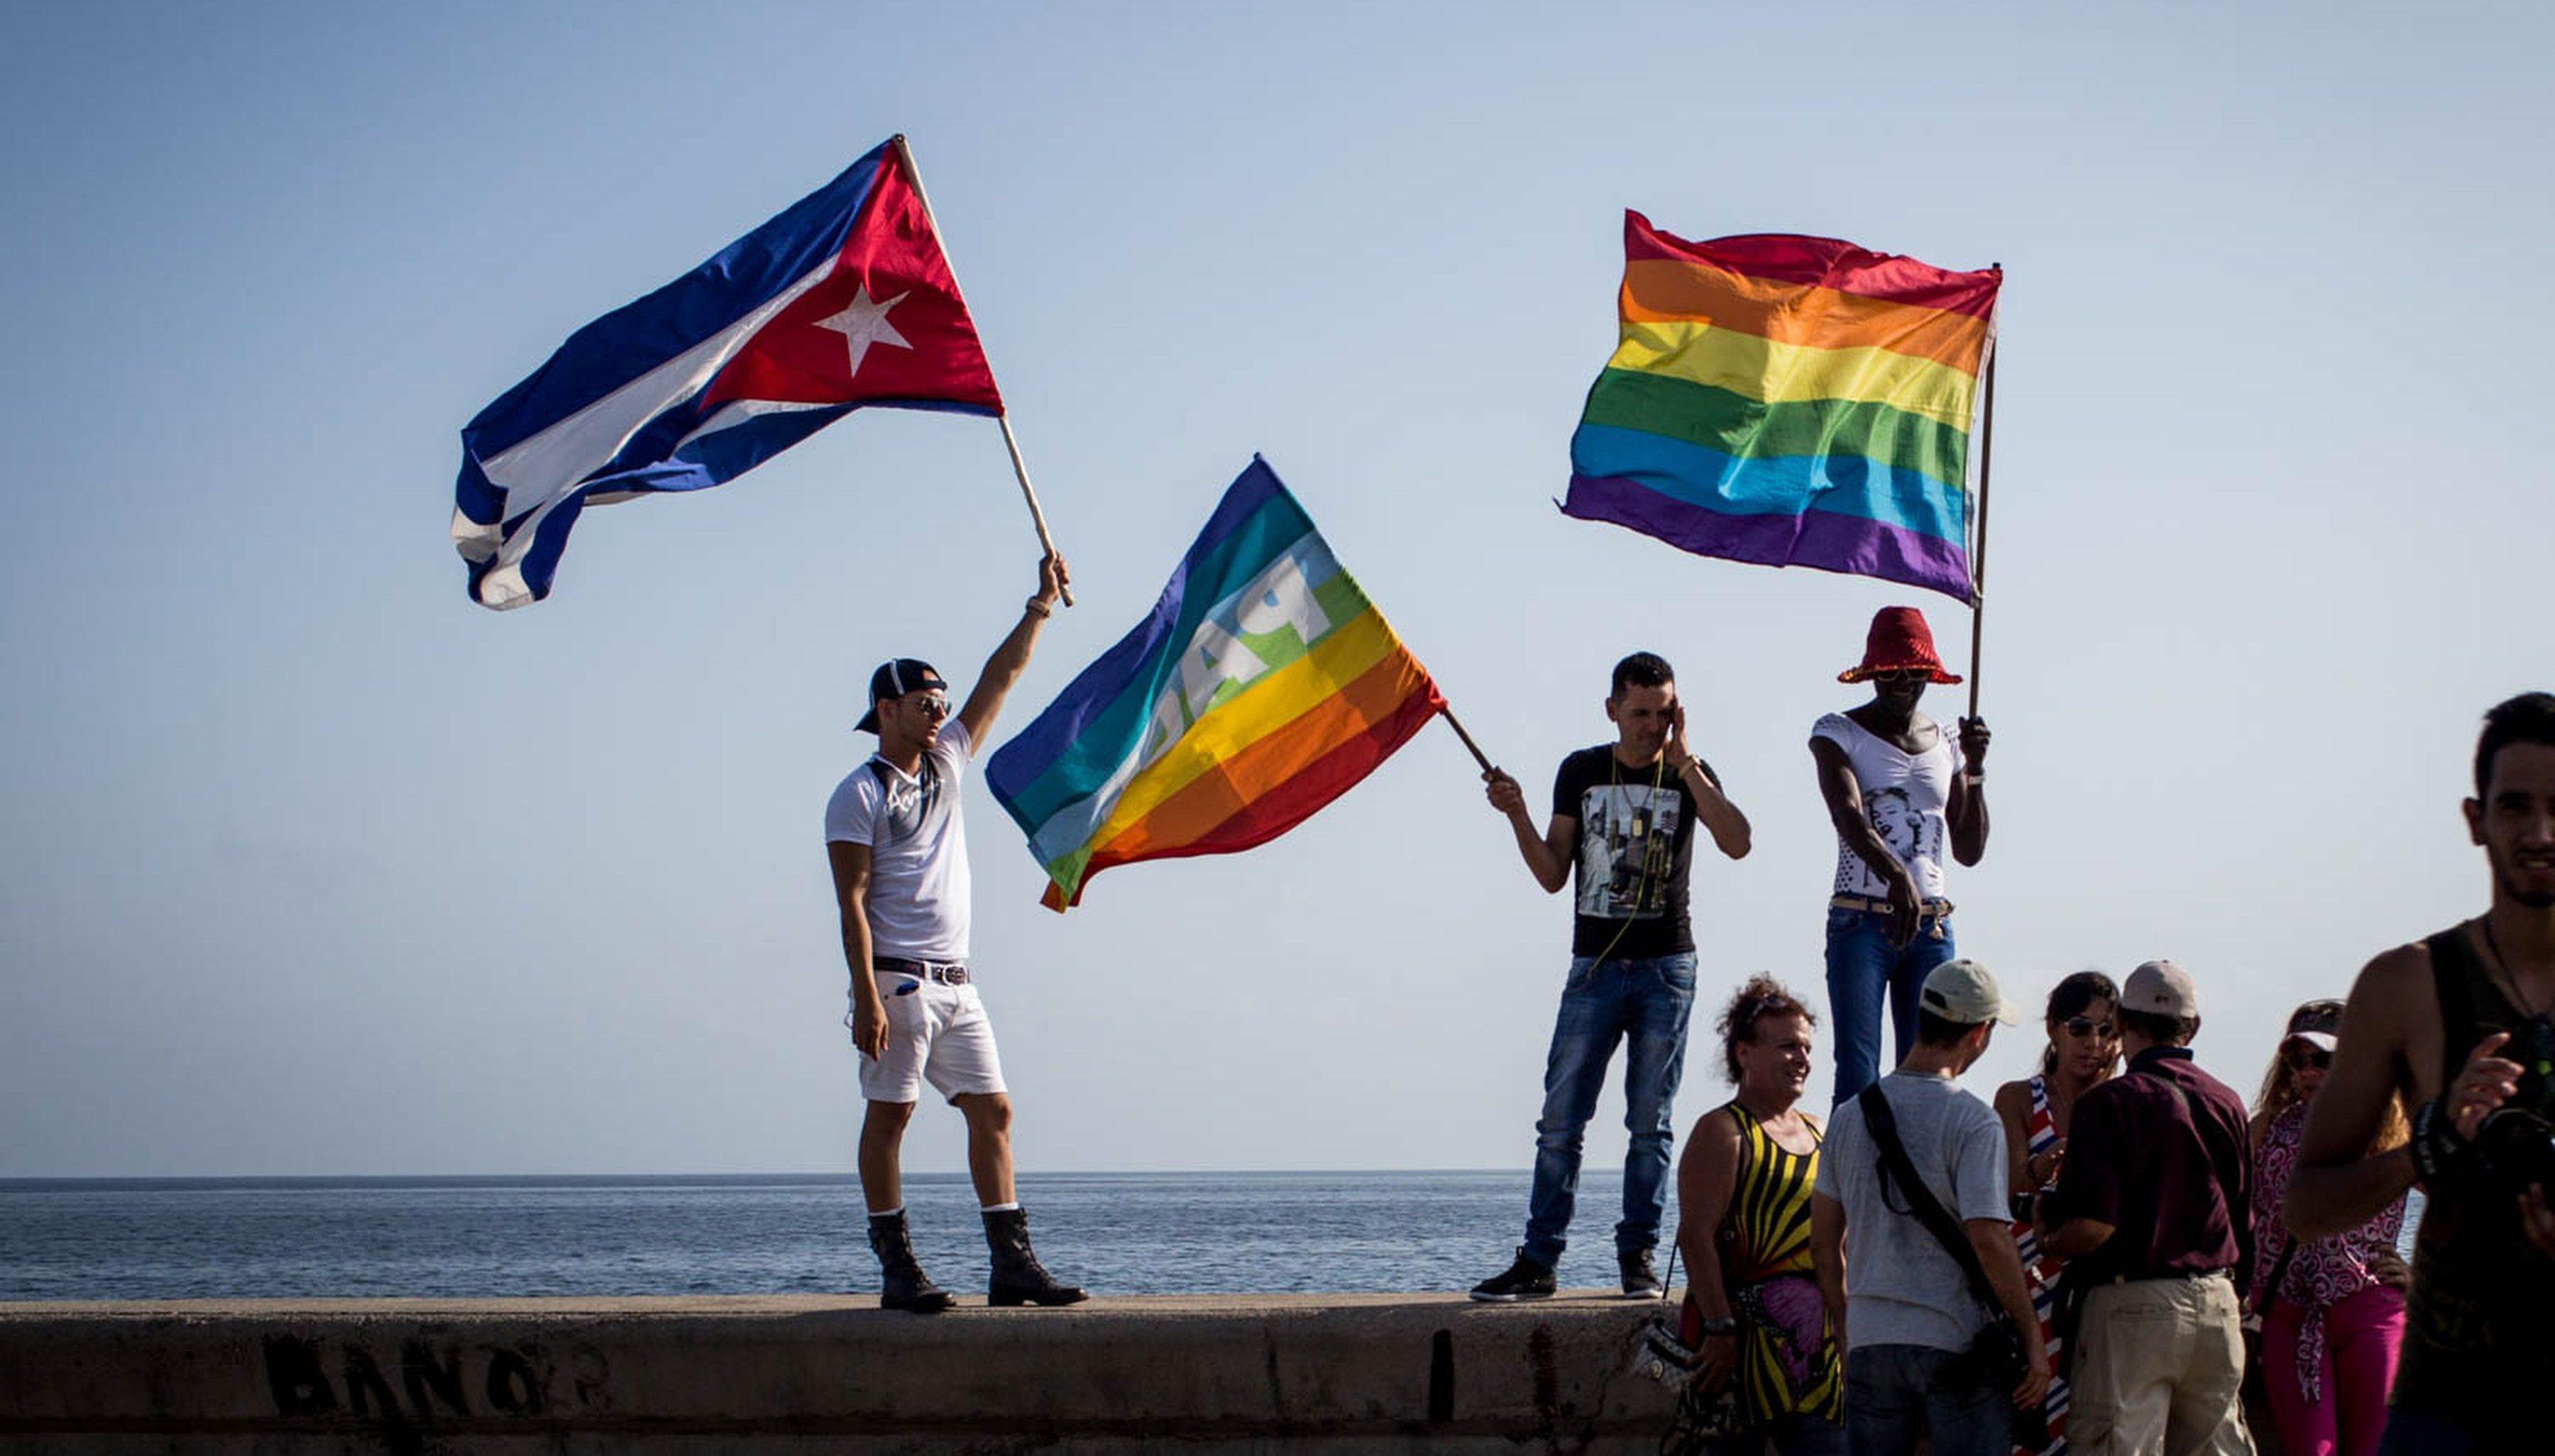 Küba'nın Yeni Anayasası, Eşcinsel Evlilikler İçin Bir Kapı Aralayabilir!